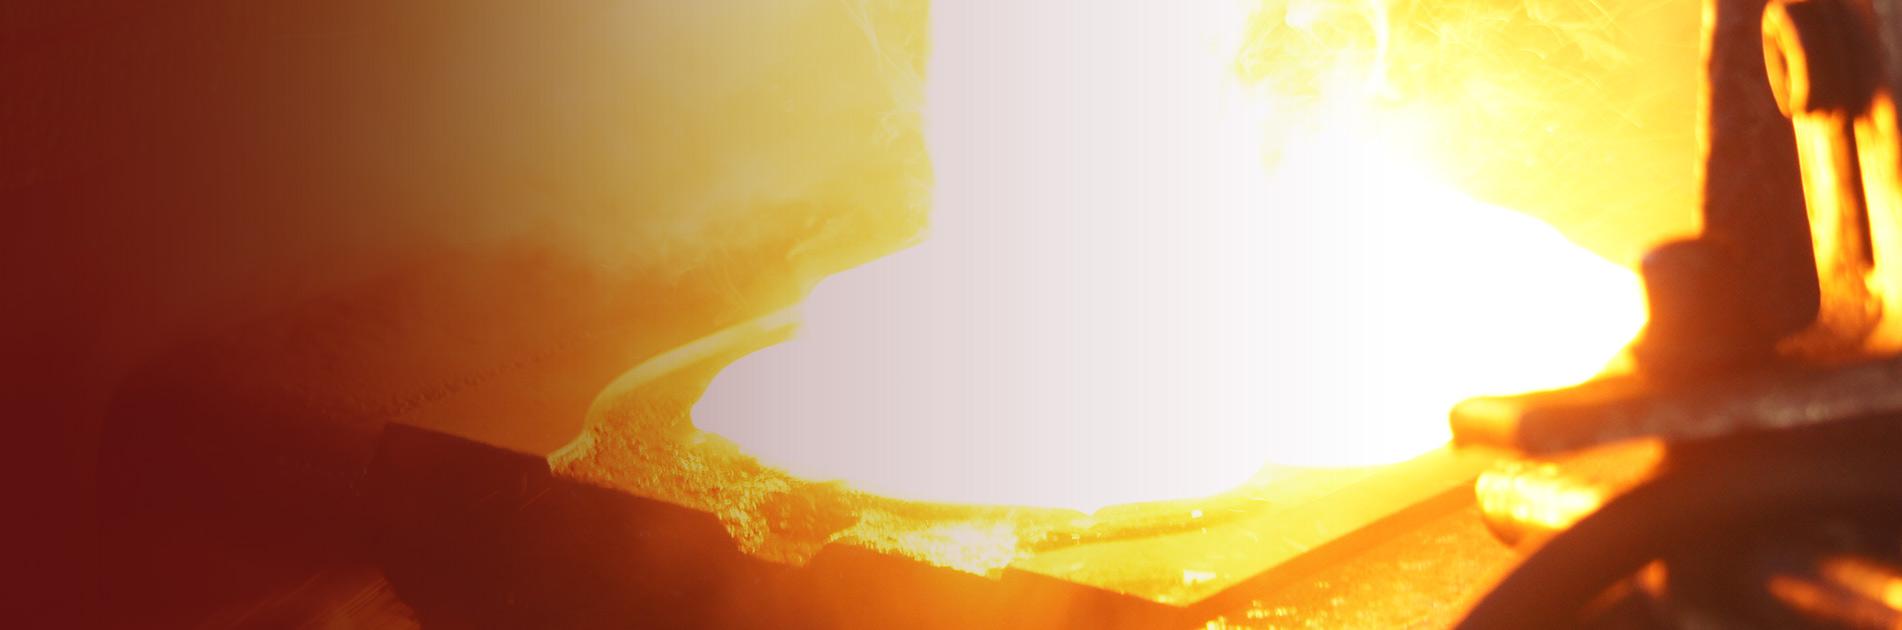 sous-traitant brut de forge - FORGINAL industrie